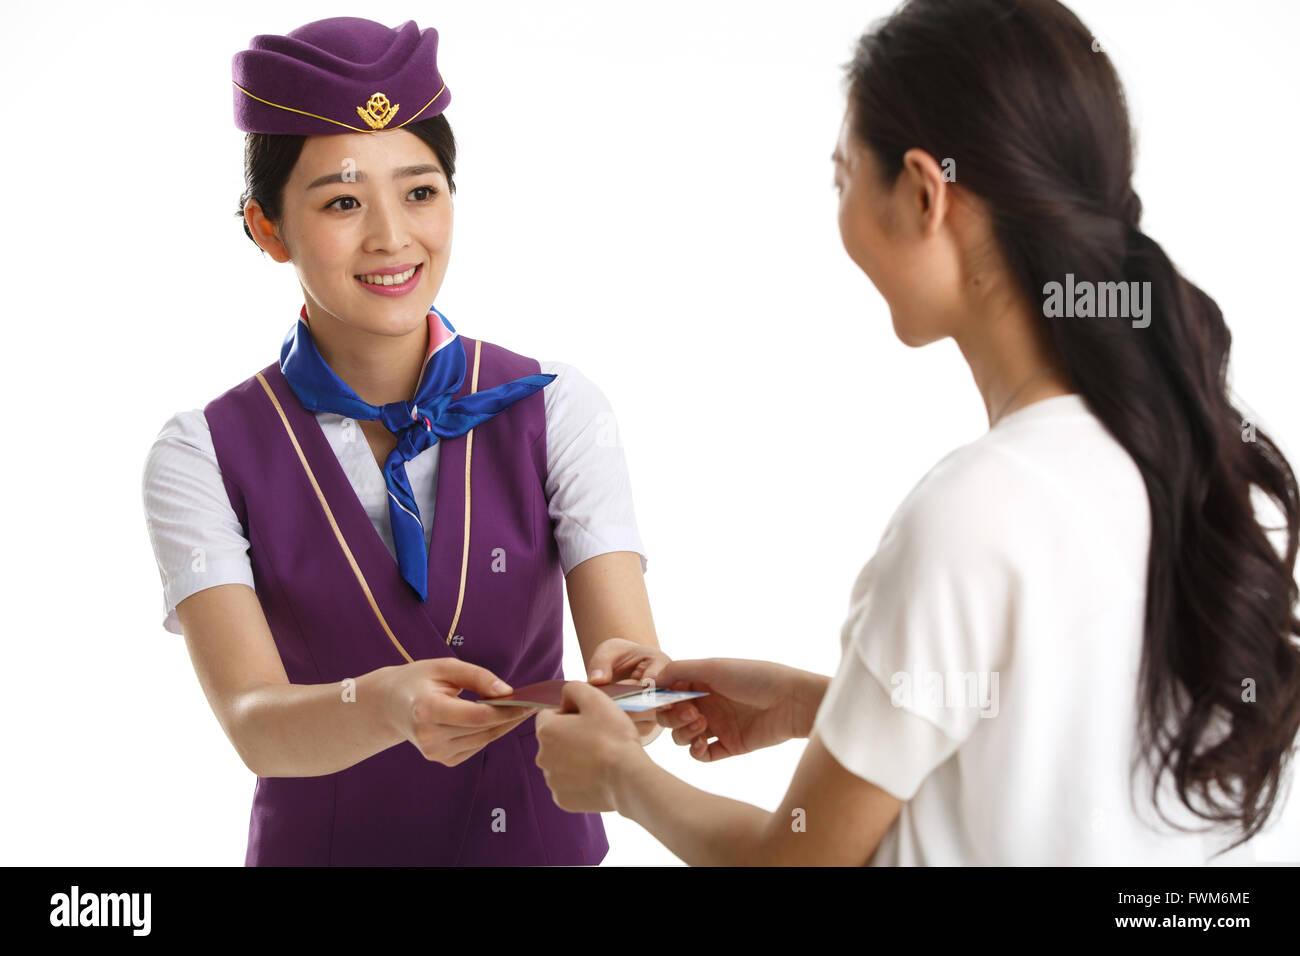 Les jeunes femmes de bord pour les clients de passer d'un passeport Photo Stock